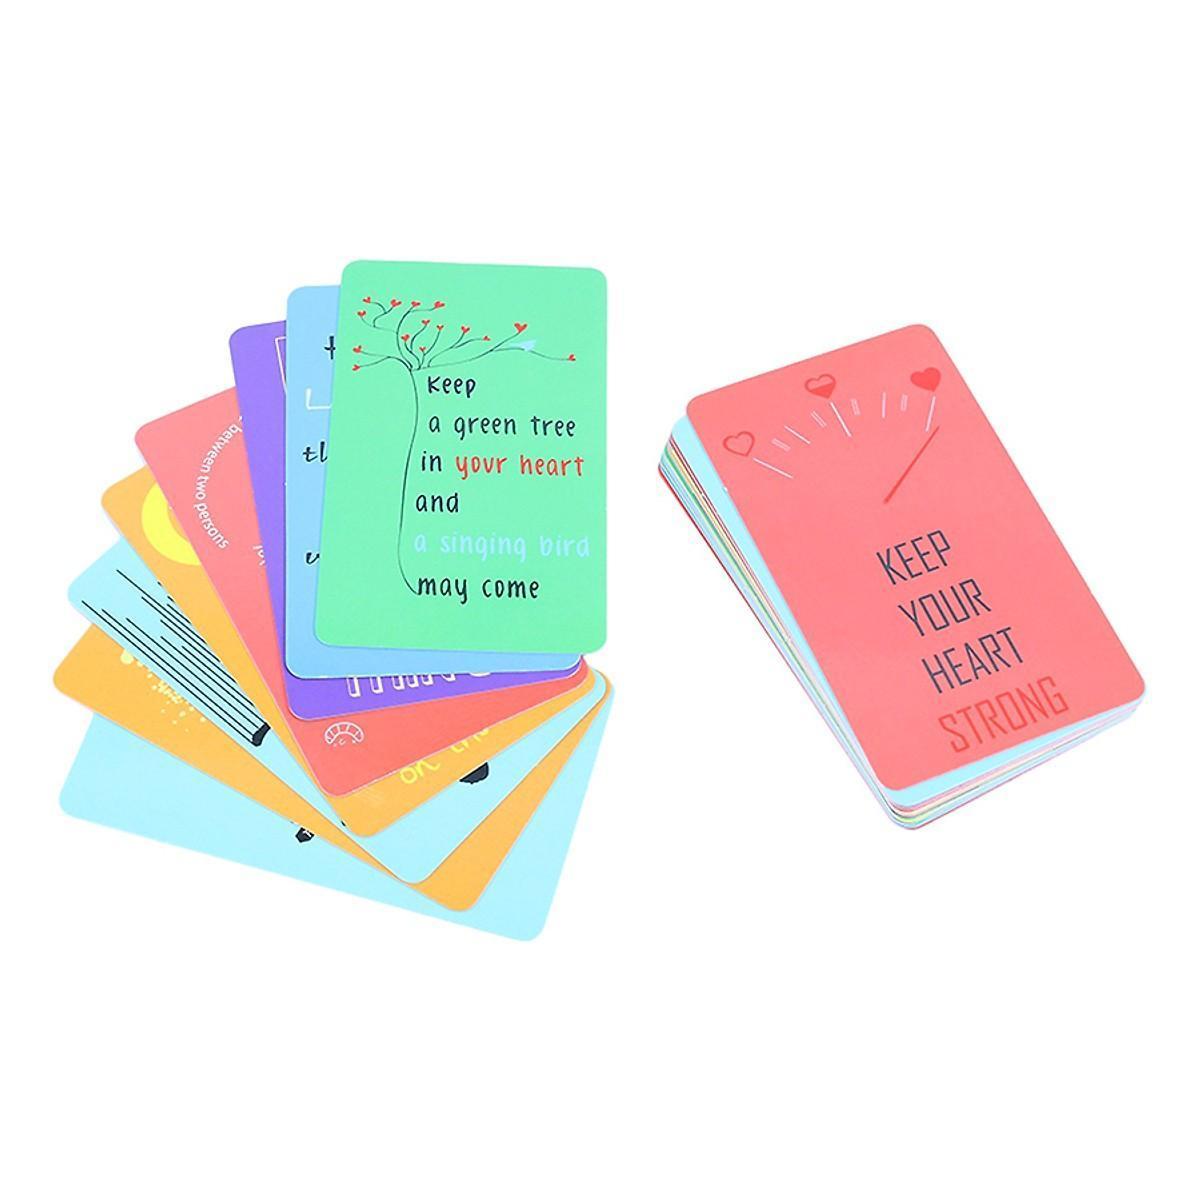 Combo 2 Cuốn Sách Kinh Tế - Marketing Bán Hàng Hay Nhất: Chiến Lược Định Vị Người Tiêu Dùng + Linh Hồn Của Quảng Cáo / Tặng Kèm Bookmark Happy Life